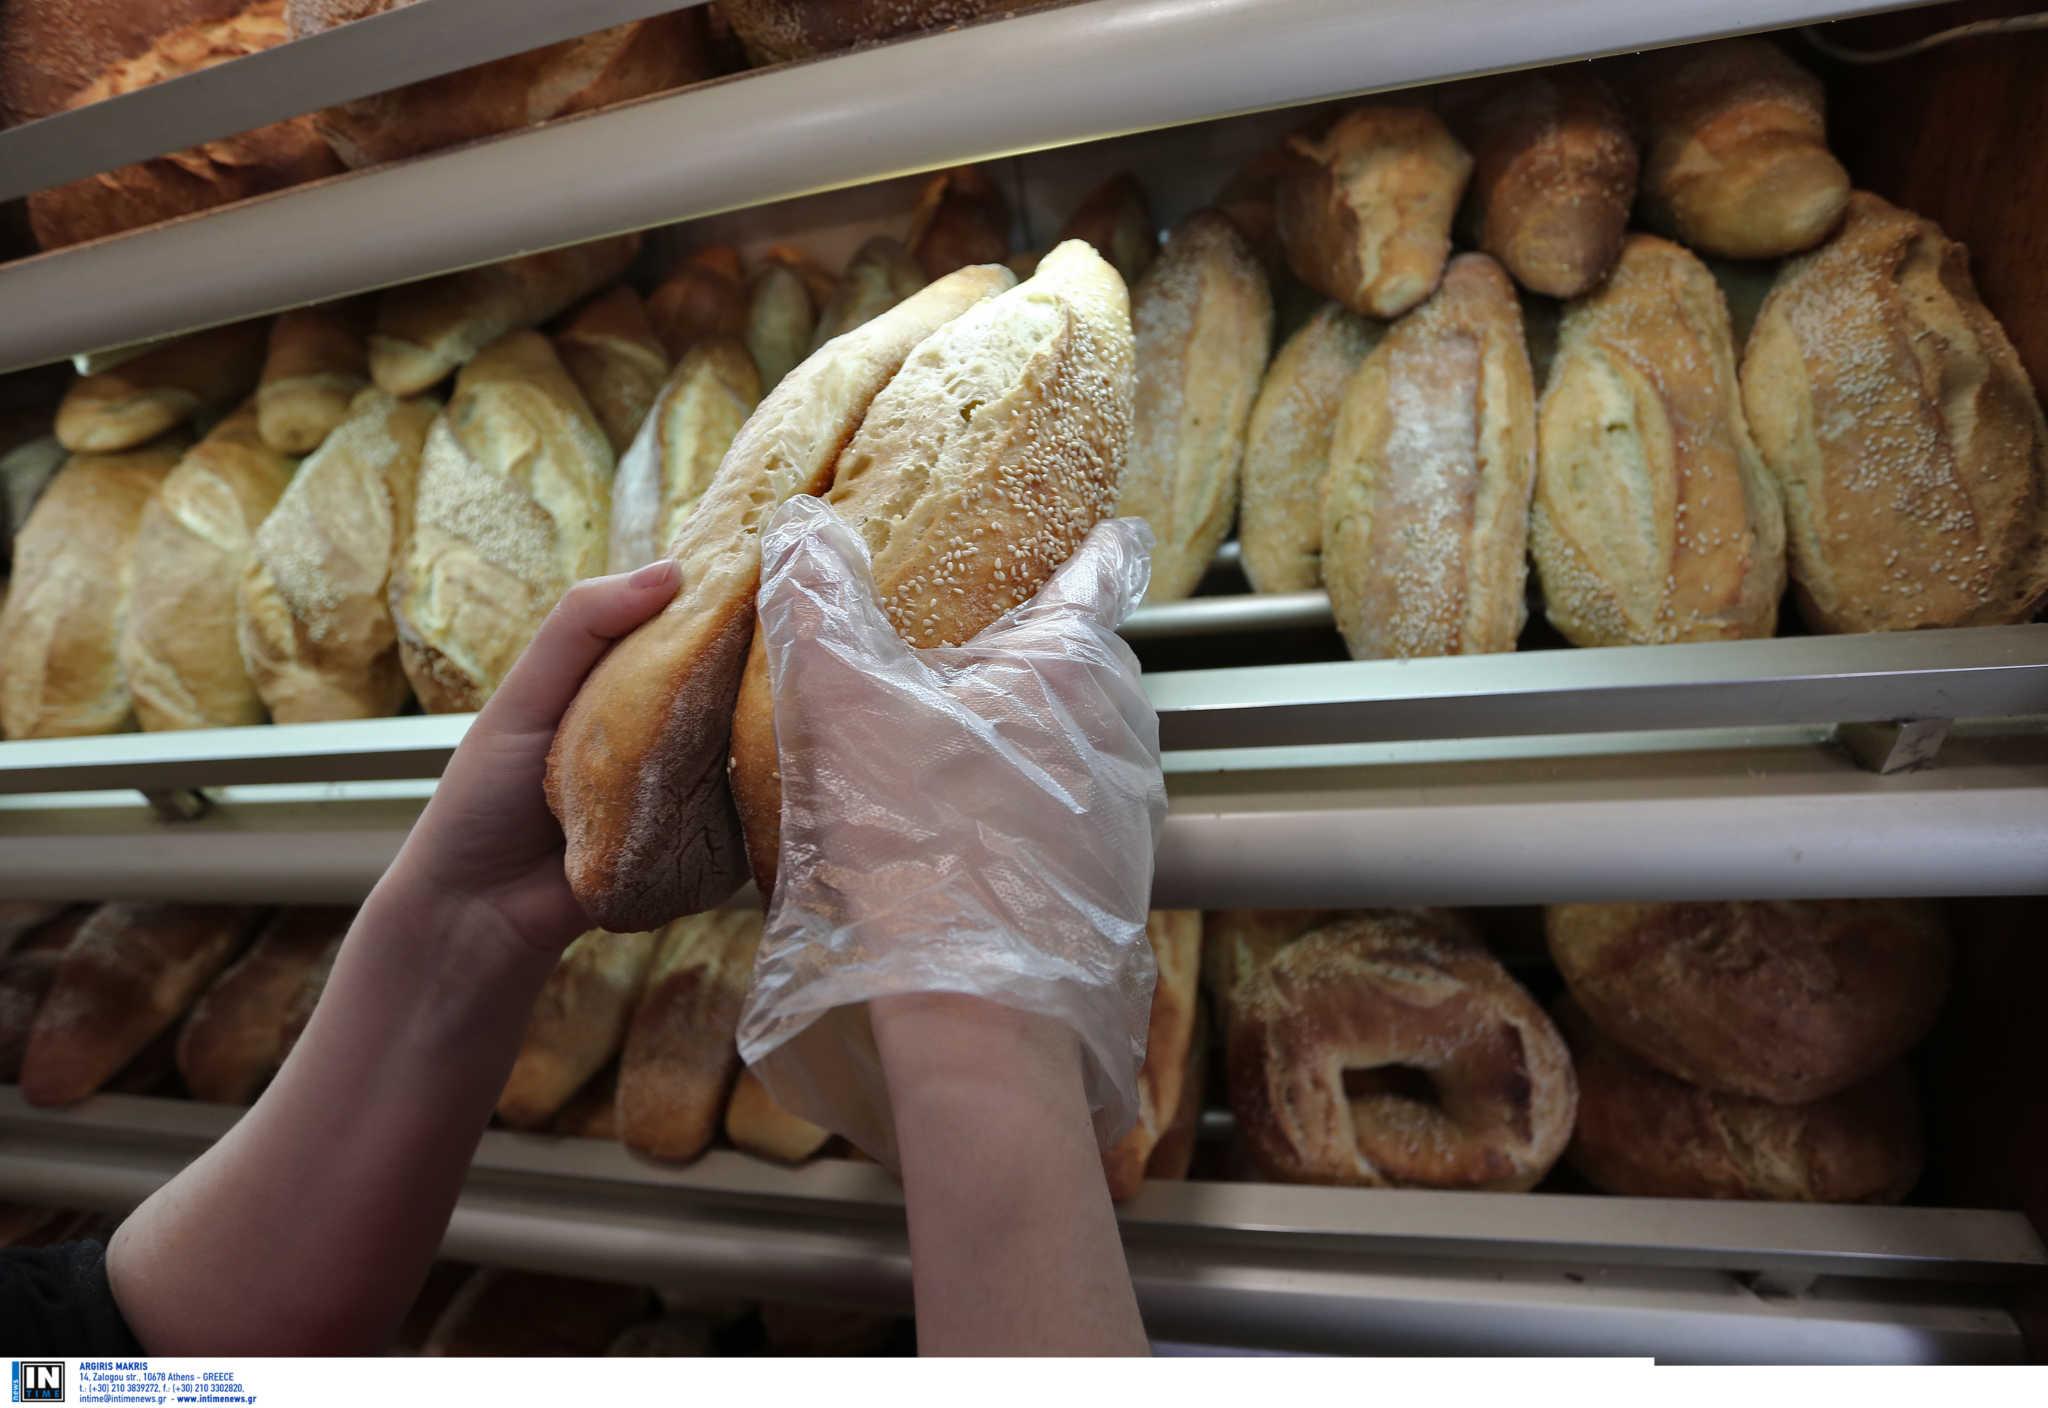 Ρόδος: Λιποθύμησε από την πείνα 9χρονο κοριτσάκι μέσα σε φούρνο!